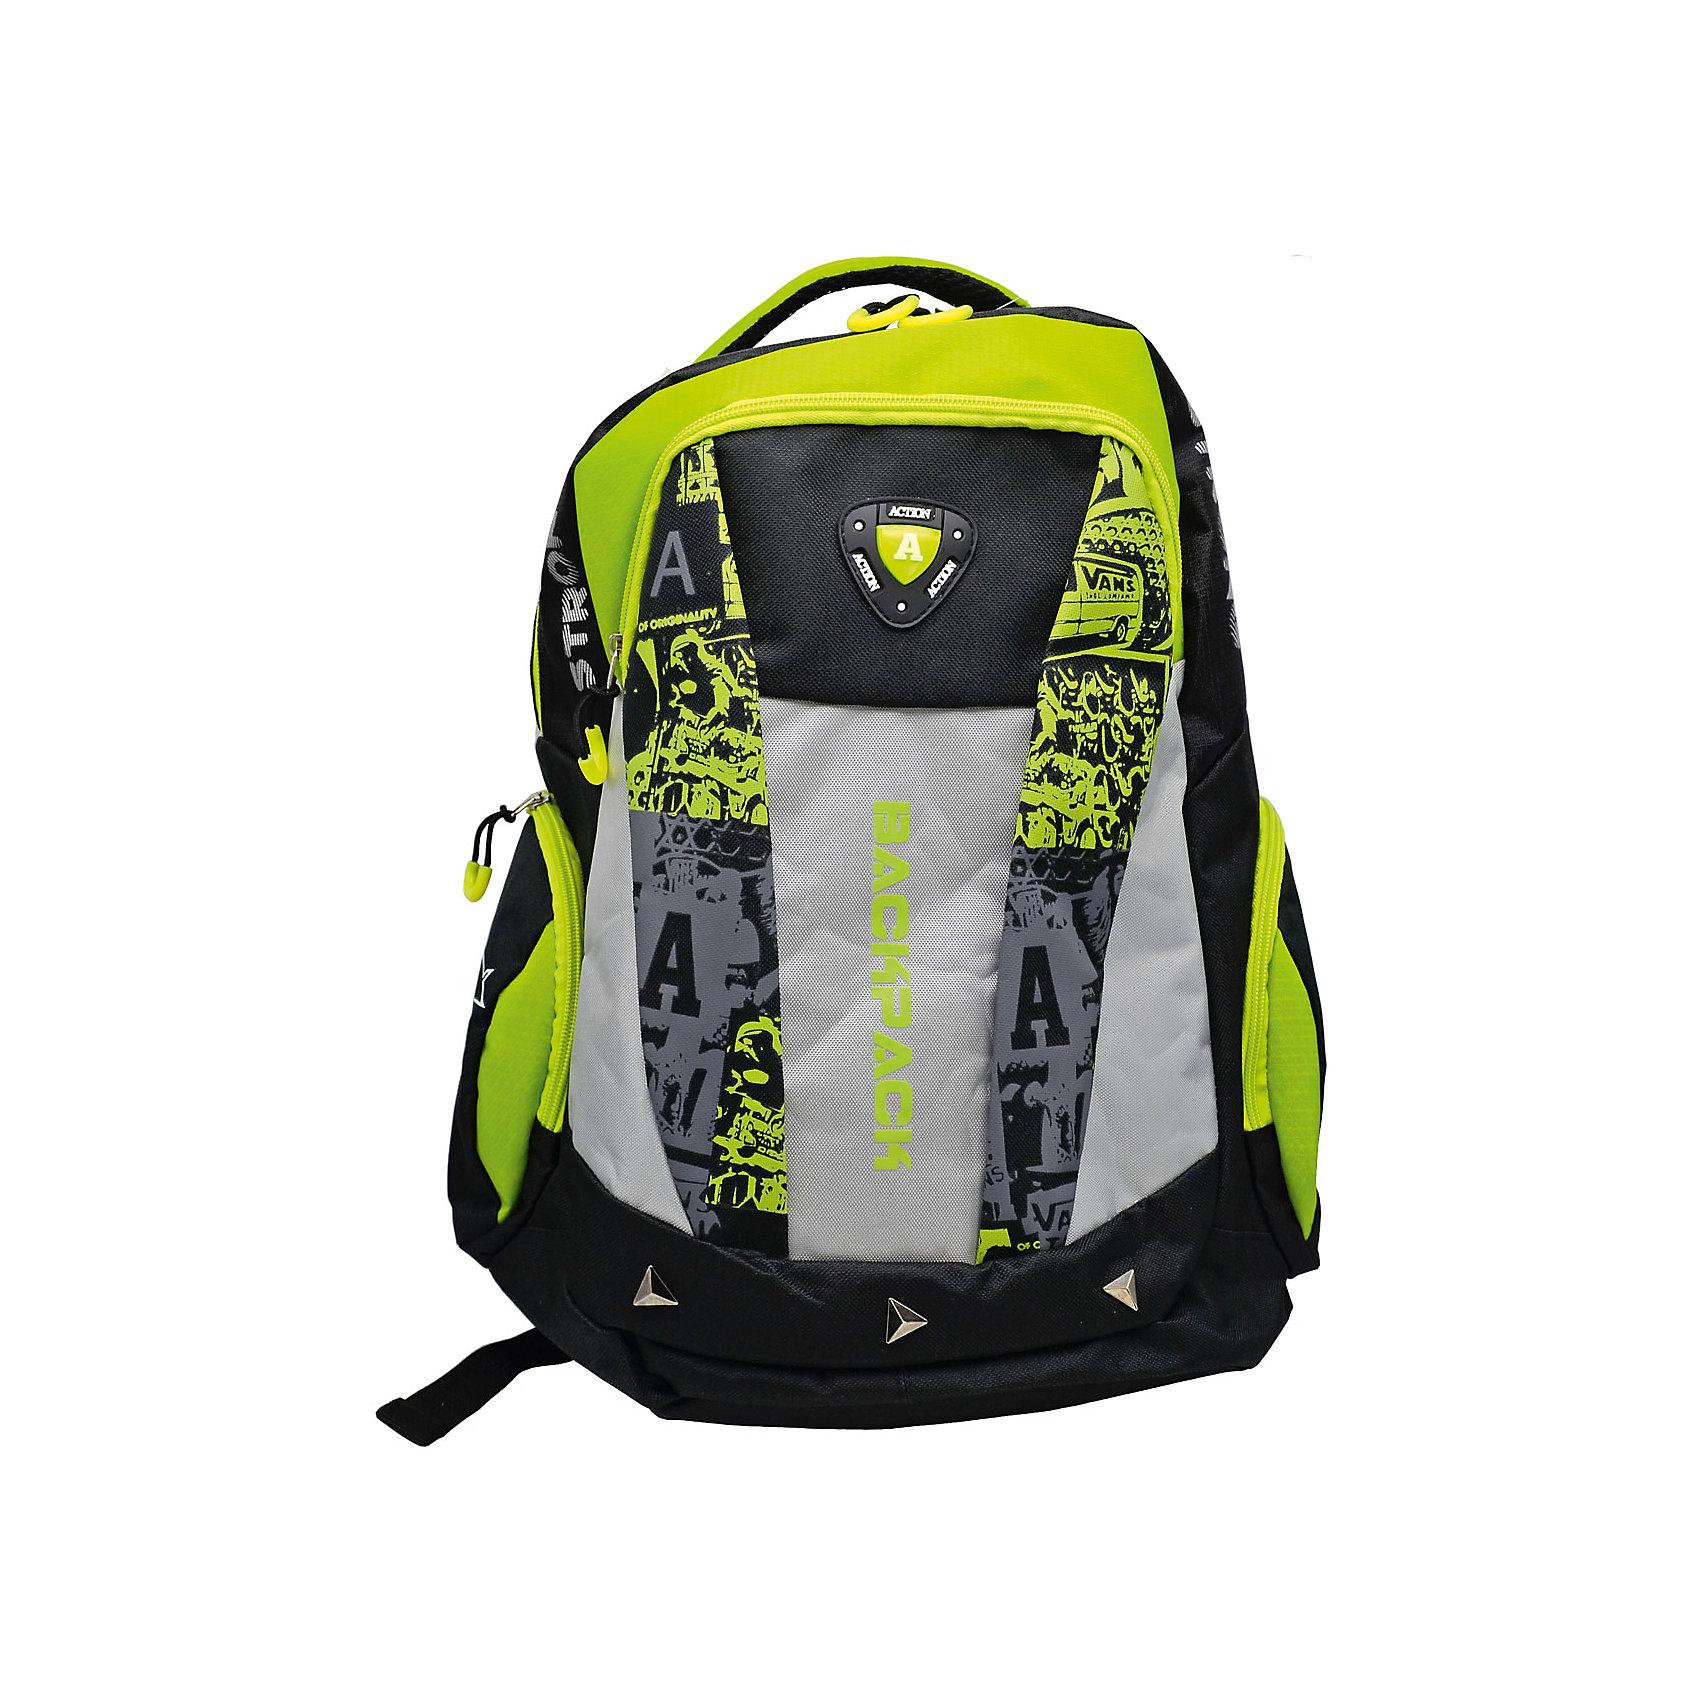 Рюкзак ACTION!Рюкзаки<br>Вес:600грамм<br>Размер: 43 x 30 x 15 см<br>Состав: рюкзак<br>Наличие светоотражающих элементов: да<br>Материал: полиэстер<br>Объем: 22л<br>Спина: мягкая<br>Наличие дополнительных карманов внутри: да<br>Дно выбрать: уплотненное<br>Количество отделений внутри: 1<br>Боковые карманы: есть <br>Замок: молния<br>Вмещает А4: да<br>Подойдет для возраста какого 10-13 лет для роста 146-1162<br>Рюкзак в современном молодежном стиле, с оригинальным принтом и декоративными элементами, с логотипом ACTION.<br>Одно основное отделение на молнии. На лицевой строне имеется один большой карман горизонтальной загрузки. По бокам - карманы на молнии. На молниях - декоративные завязки.<br>Уплотненная рельефная спинка, создающая эффект жесткости для комфортного ношения на  спине. Задние регулируемые снизу лямки имеют светоотражающие полоски безопасности.<br>Верхняя плотная тканевая ручка.<br><br>Ширина мм: 300<br>Глубина мм: 150<br>Высота мм: 430<br>Вес г: 600<br>Возраст от месяцев: 72<br>Возраст до месяцев: 156<br>Пол: Мужской<br>Возраст: Детский<br>SKU: 6850024